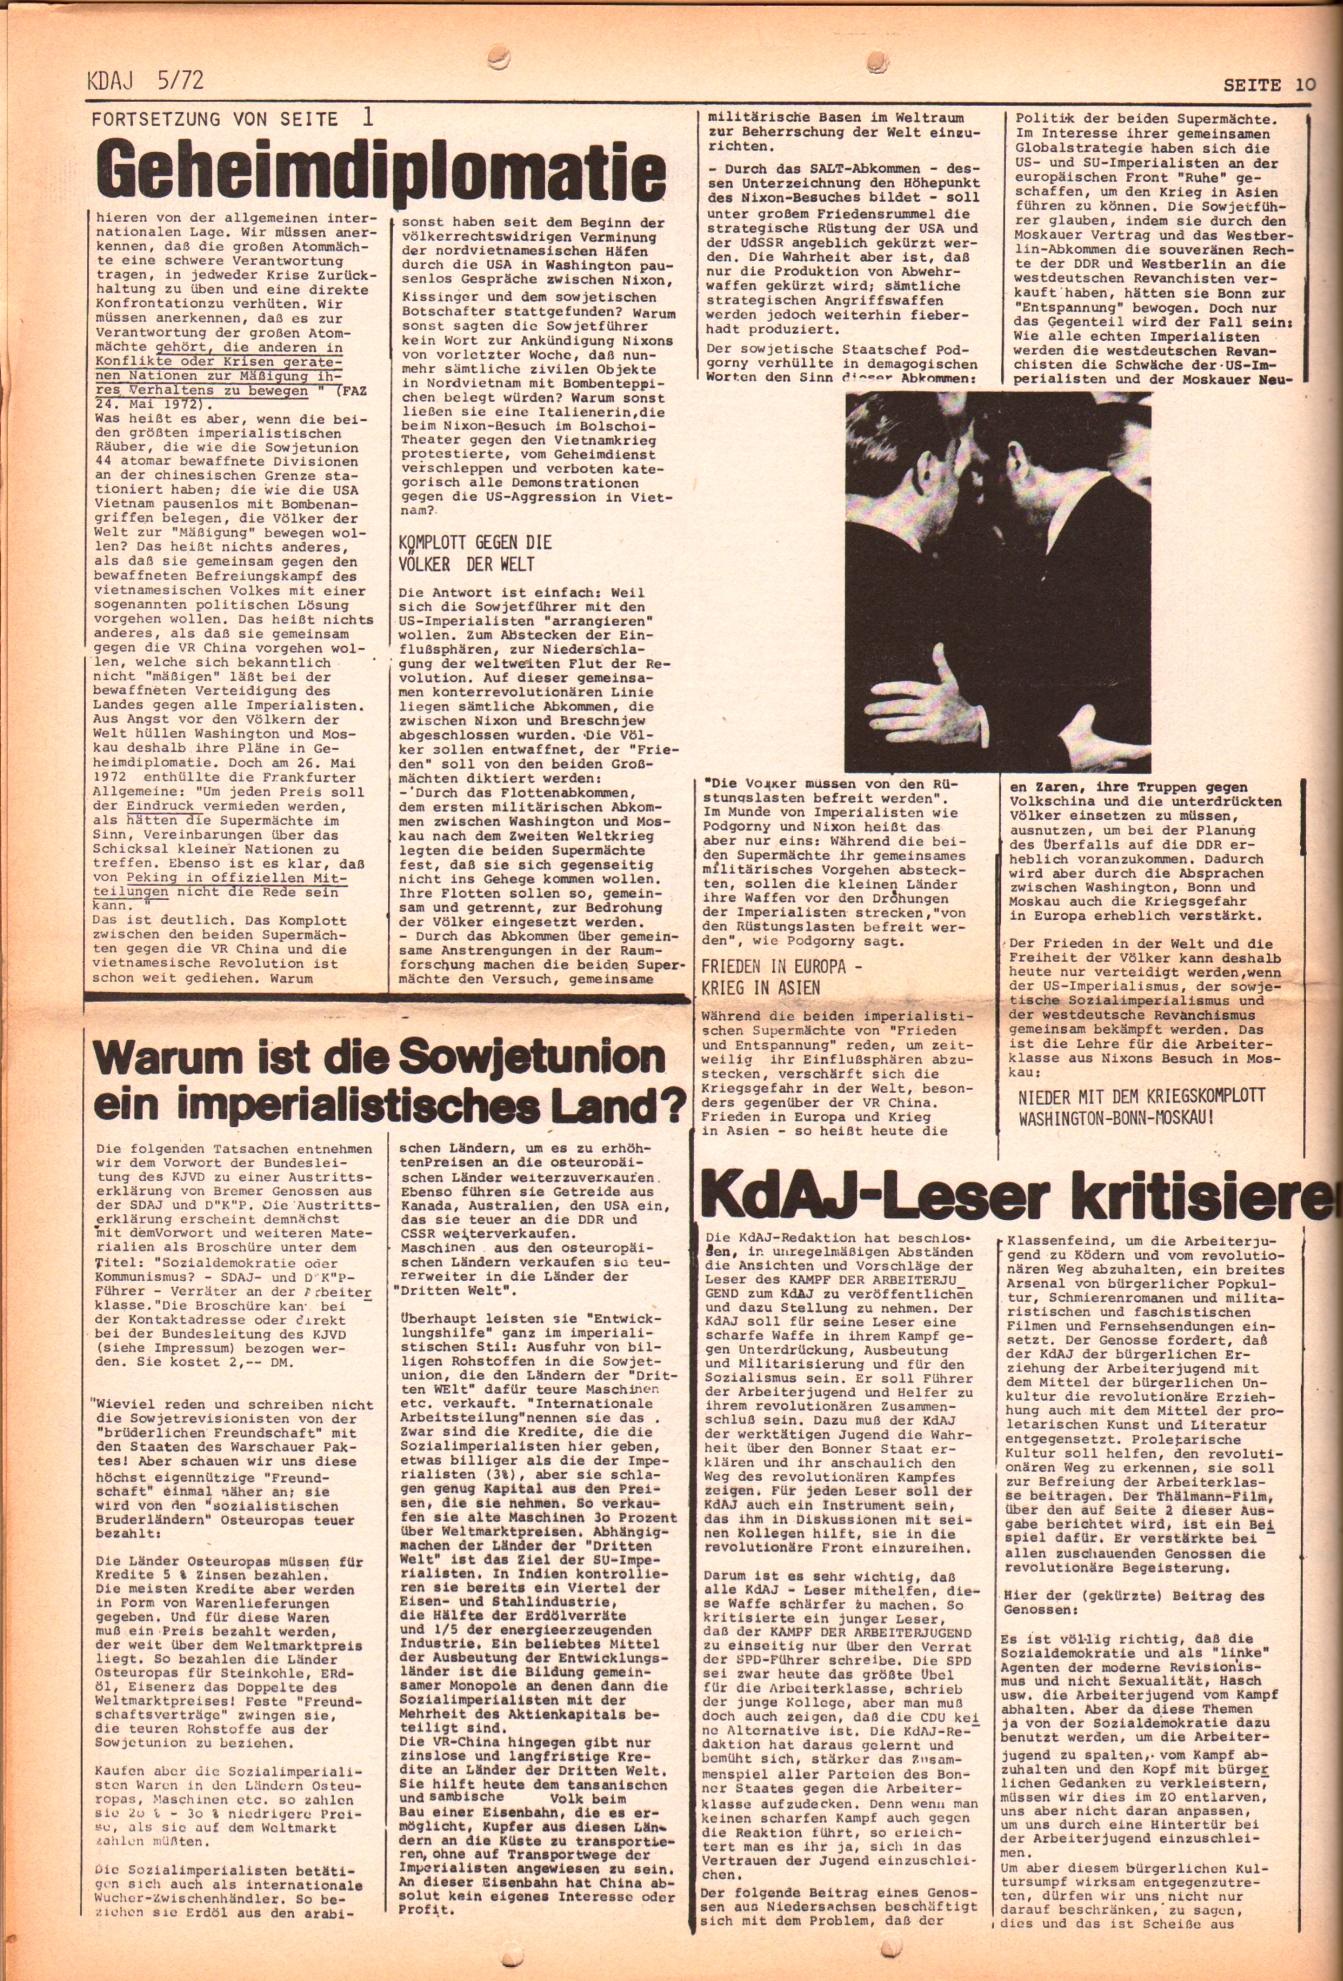 KDAJ, 3. Jg., Juni 1972, Nr. 5, Seite 10